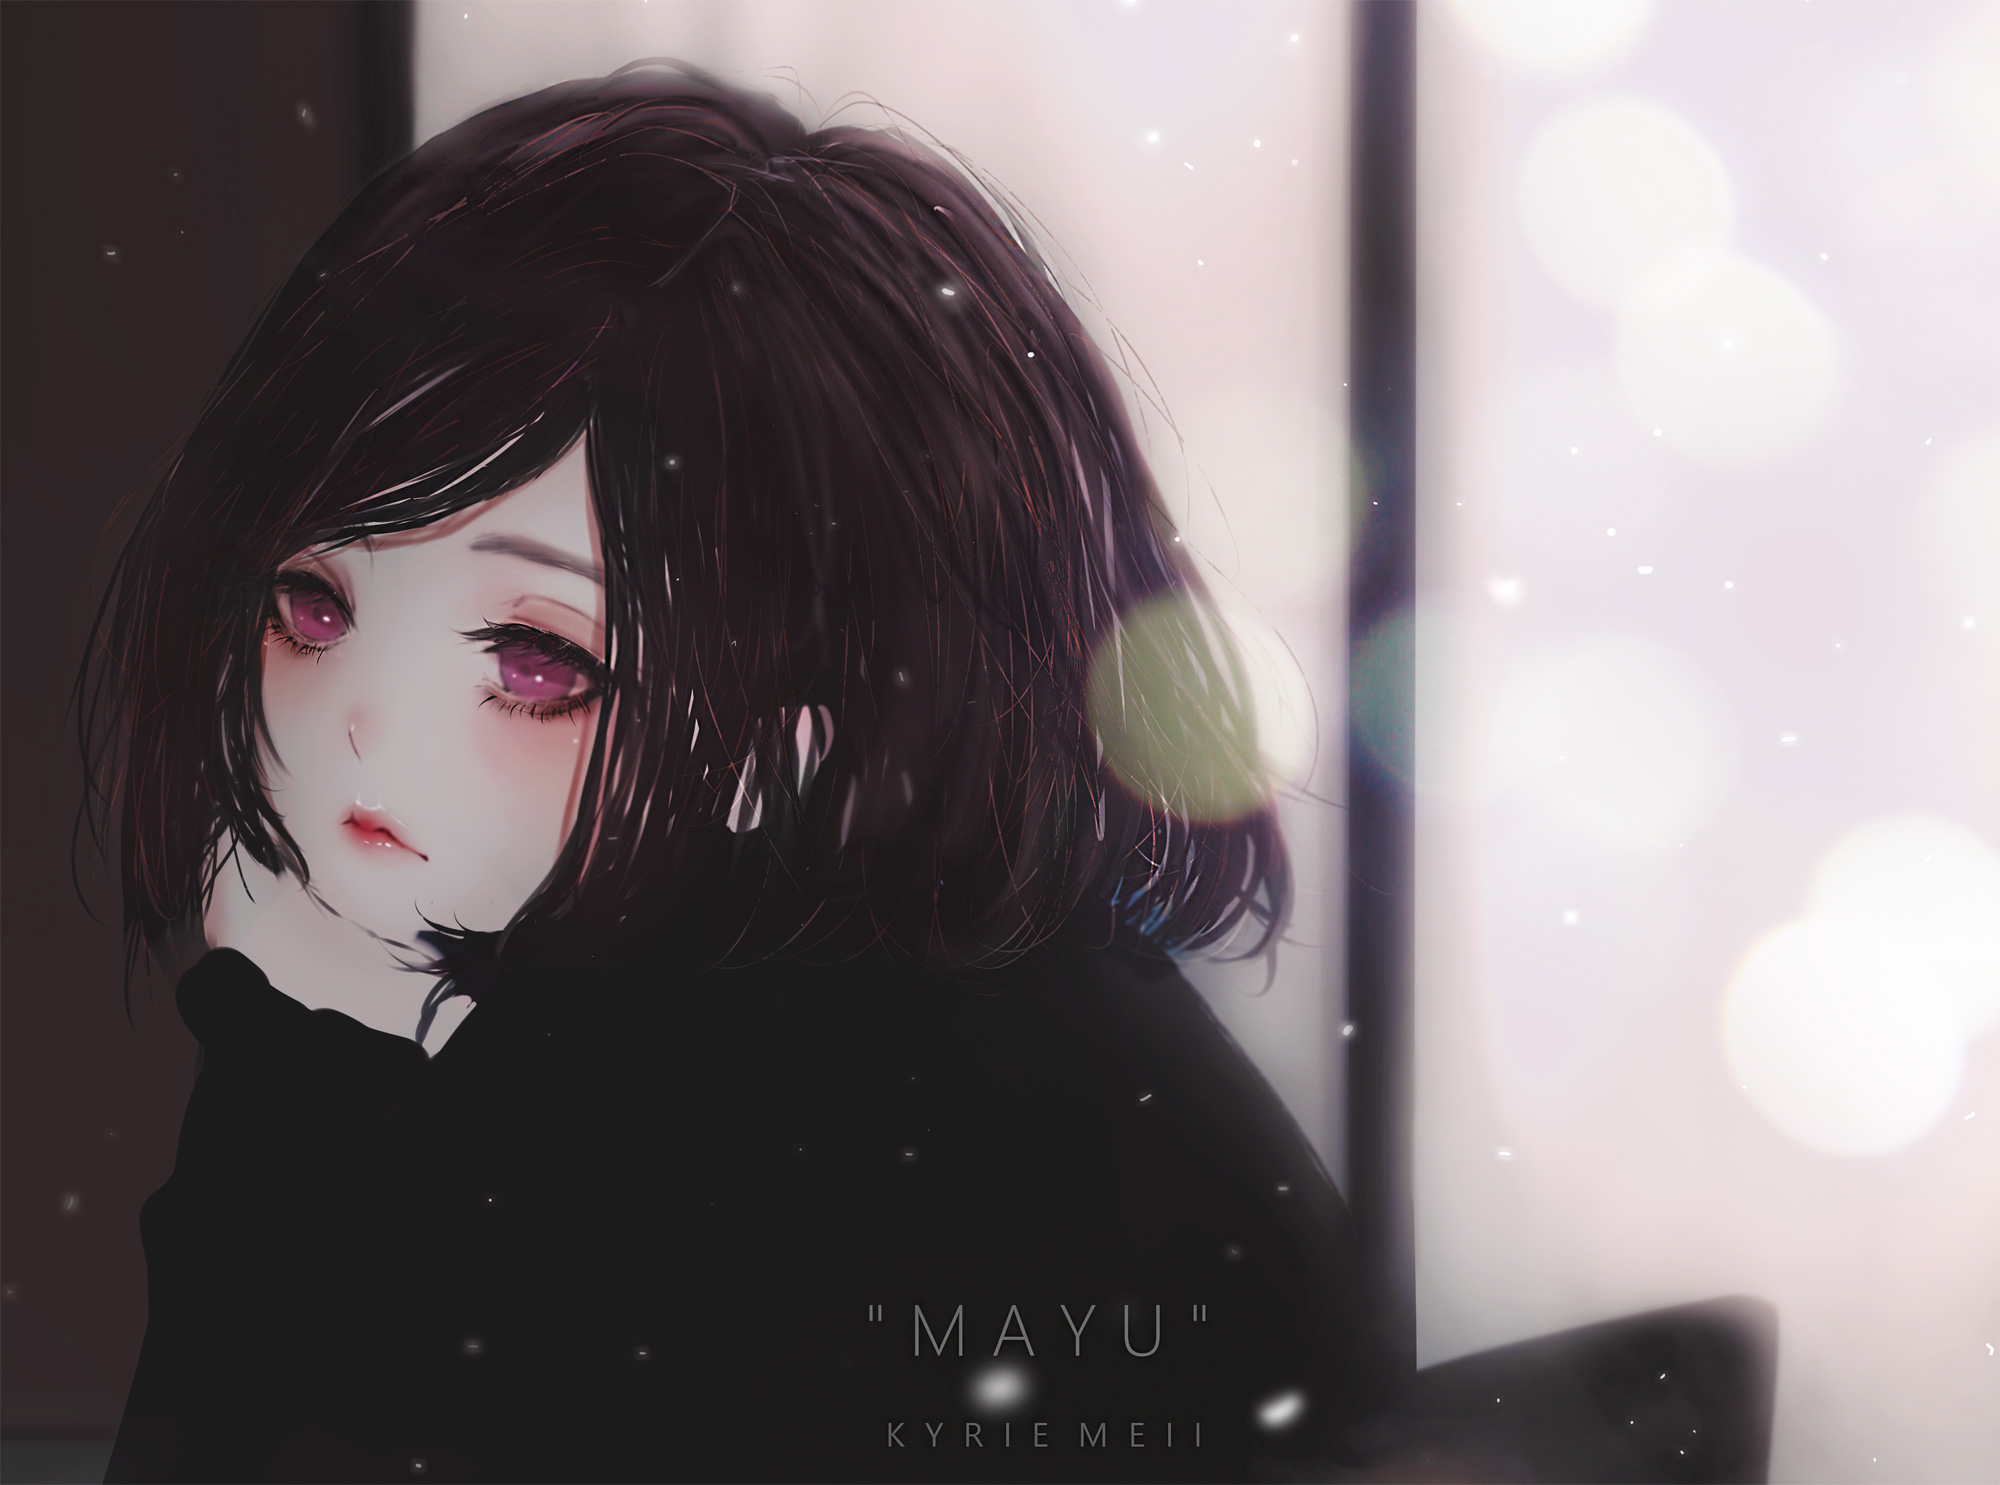 Download Sad Emo Girl Wallpaper Anime Girl Arts Hd Anime 4k Wallpapers Images